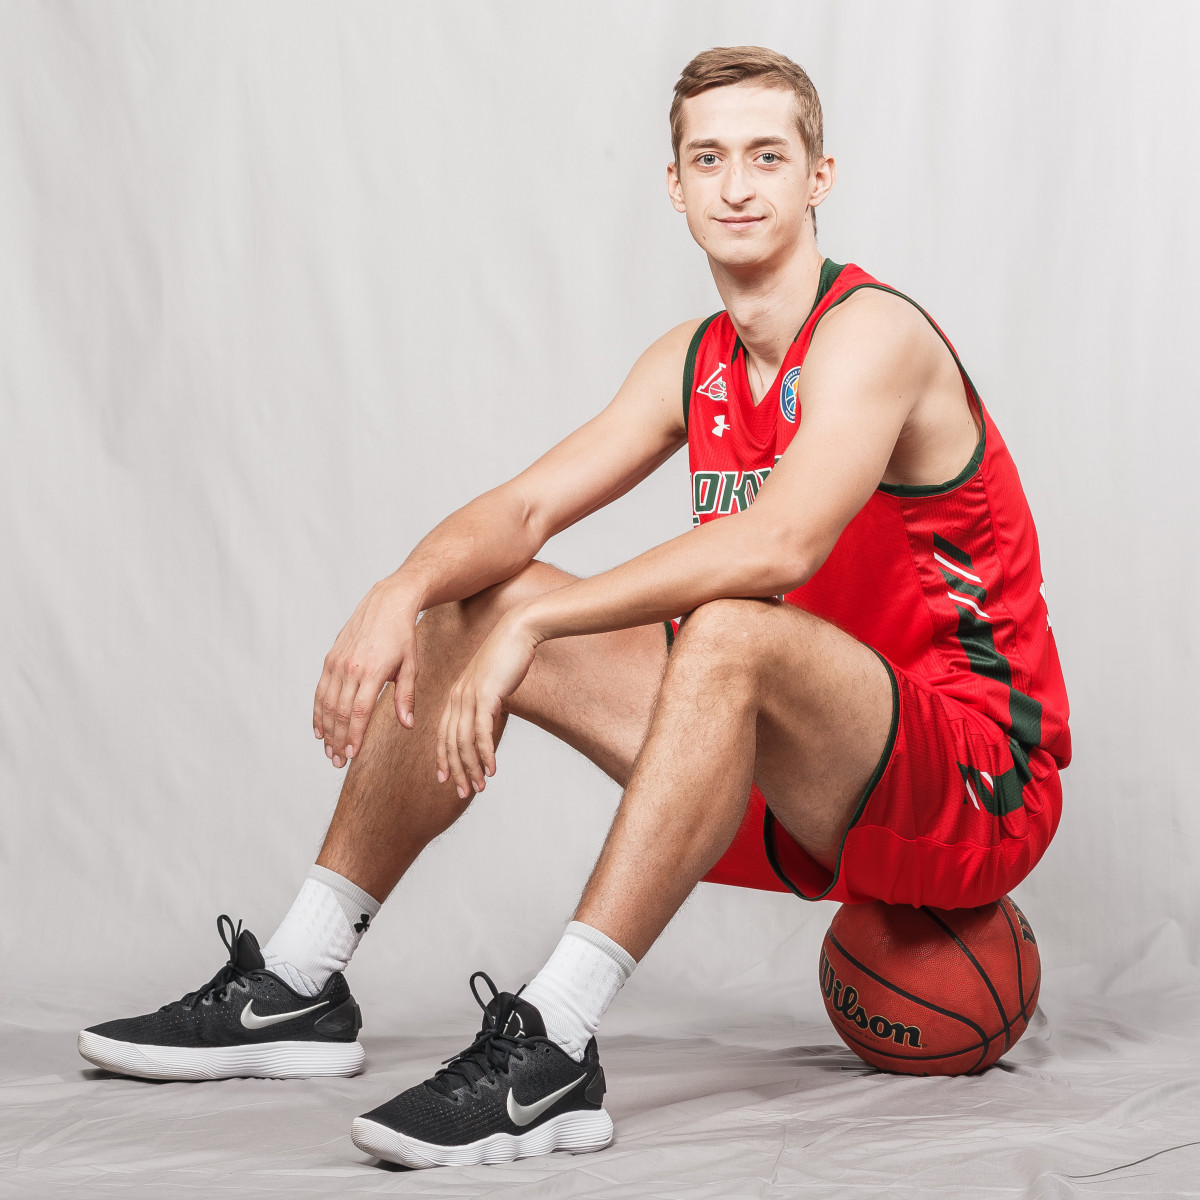 Photo of Dmitry Khvostov, 2018-2019 season